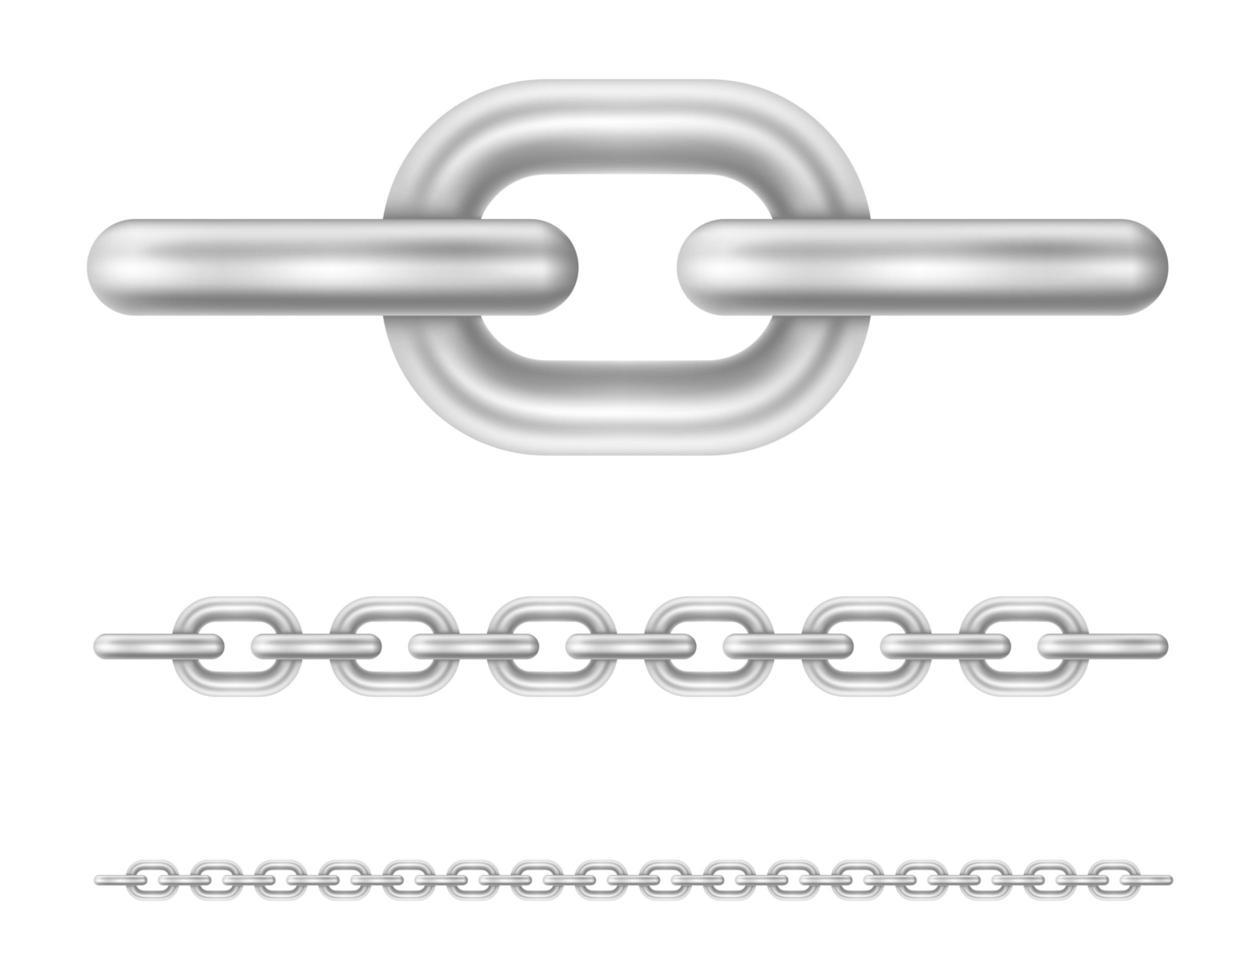 conjunto de elos de corrente de metal vetor